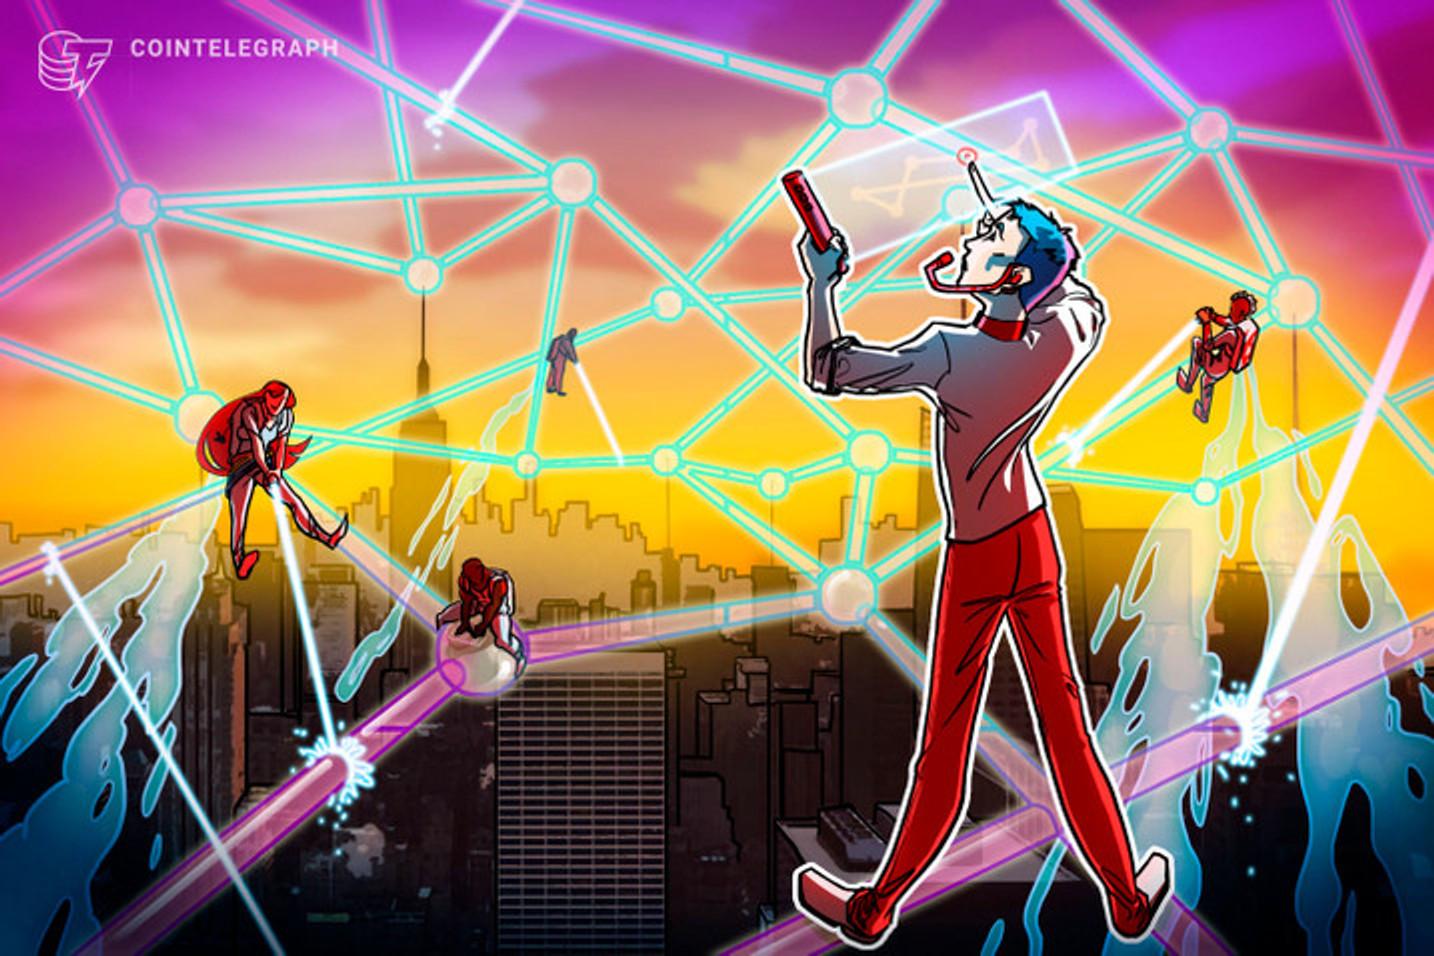 Bancos digitais crescem na pandemia e puxam revolução de instituições financeiras